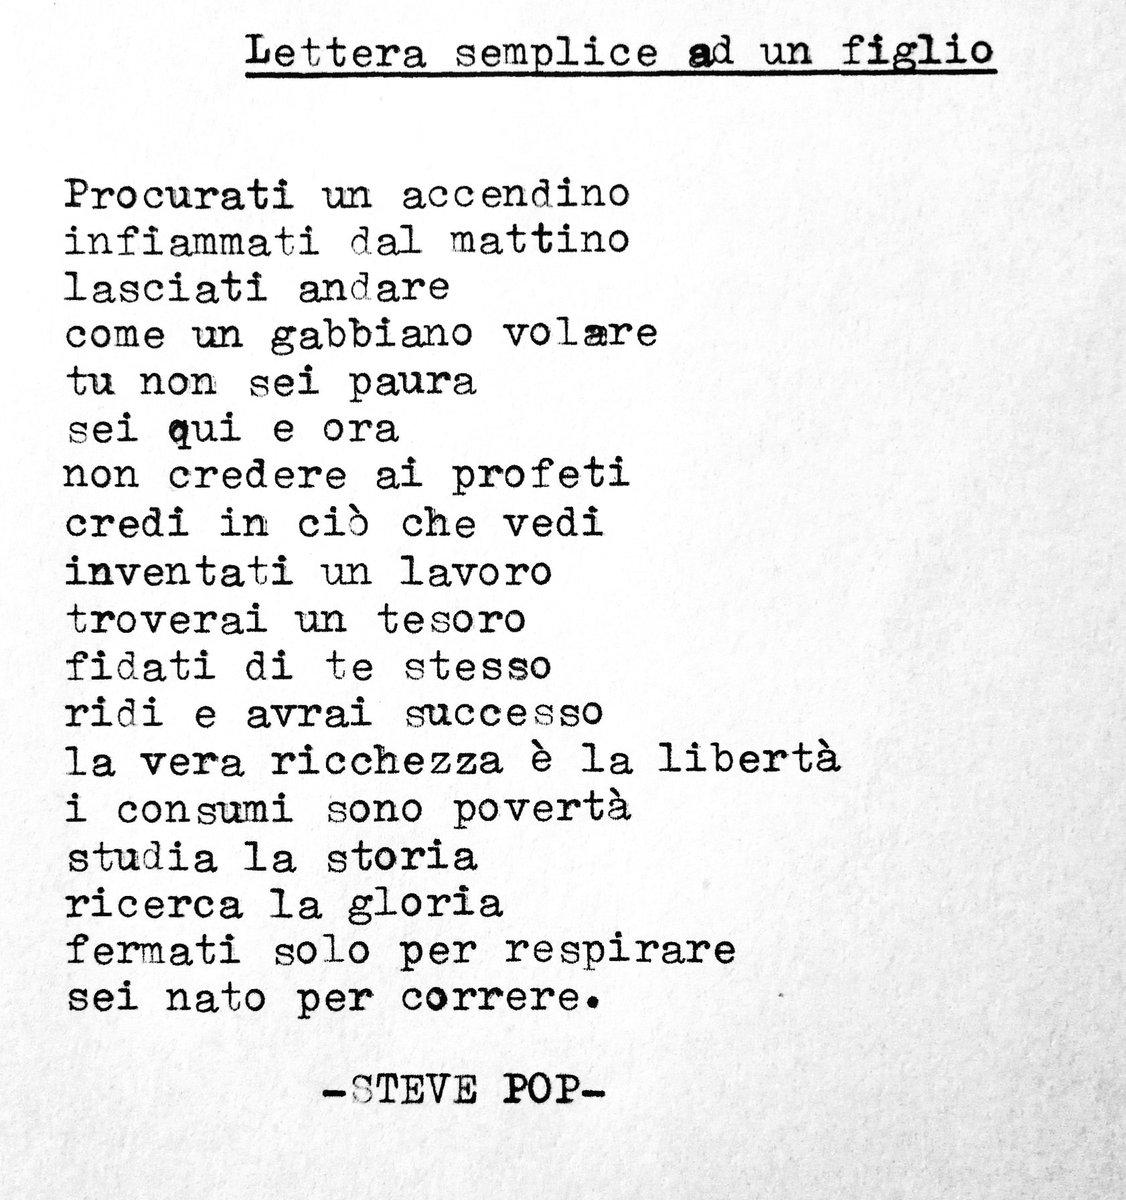 Steve Pop On Twitter Poesia Scritta A Macchina Serie N31